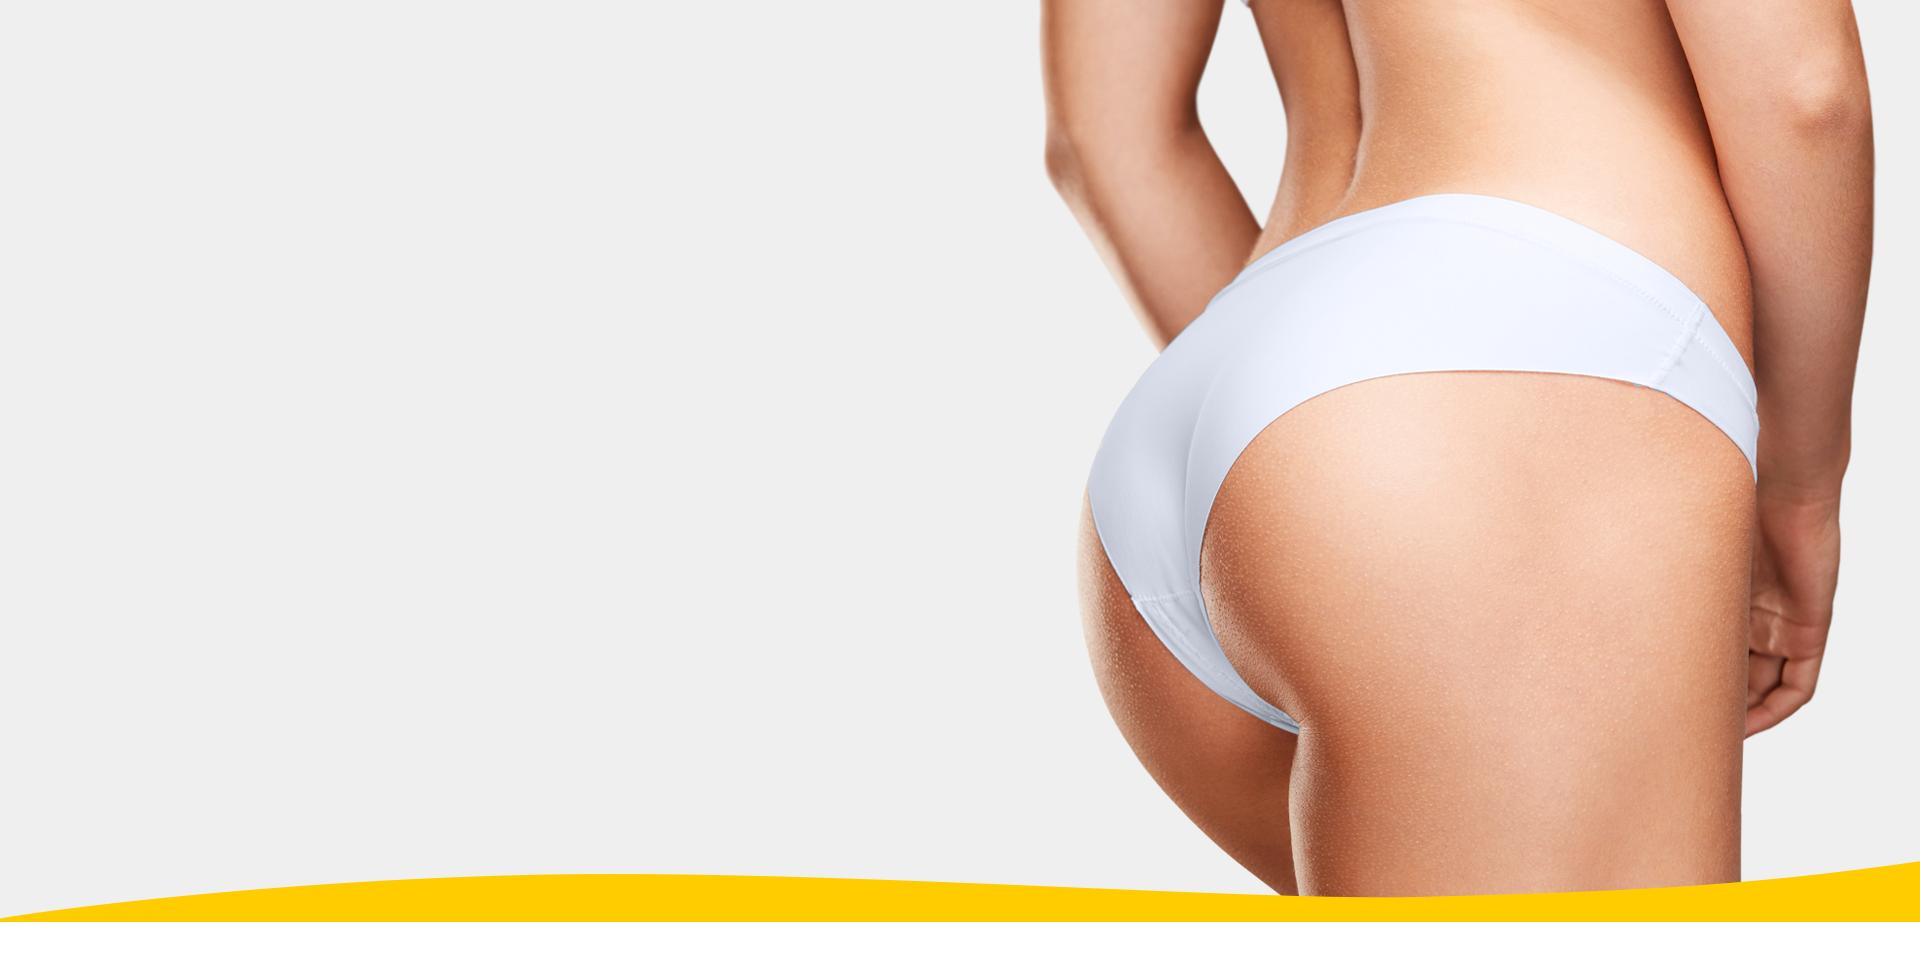 Brazilian butt lift bum bum